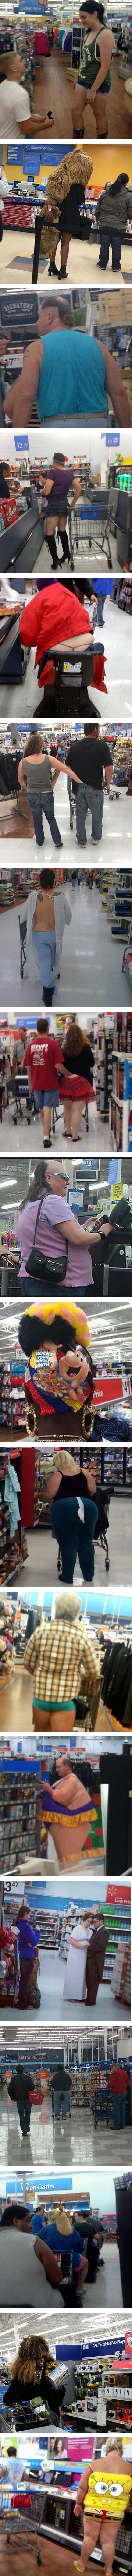 People of Walmart: WTF-Momente beim Einkaufen | Webfail - Fail Bilder und Fail Videos